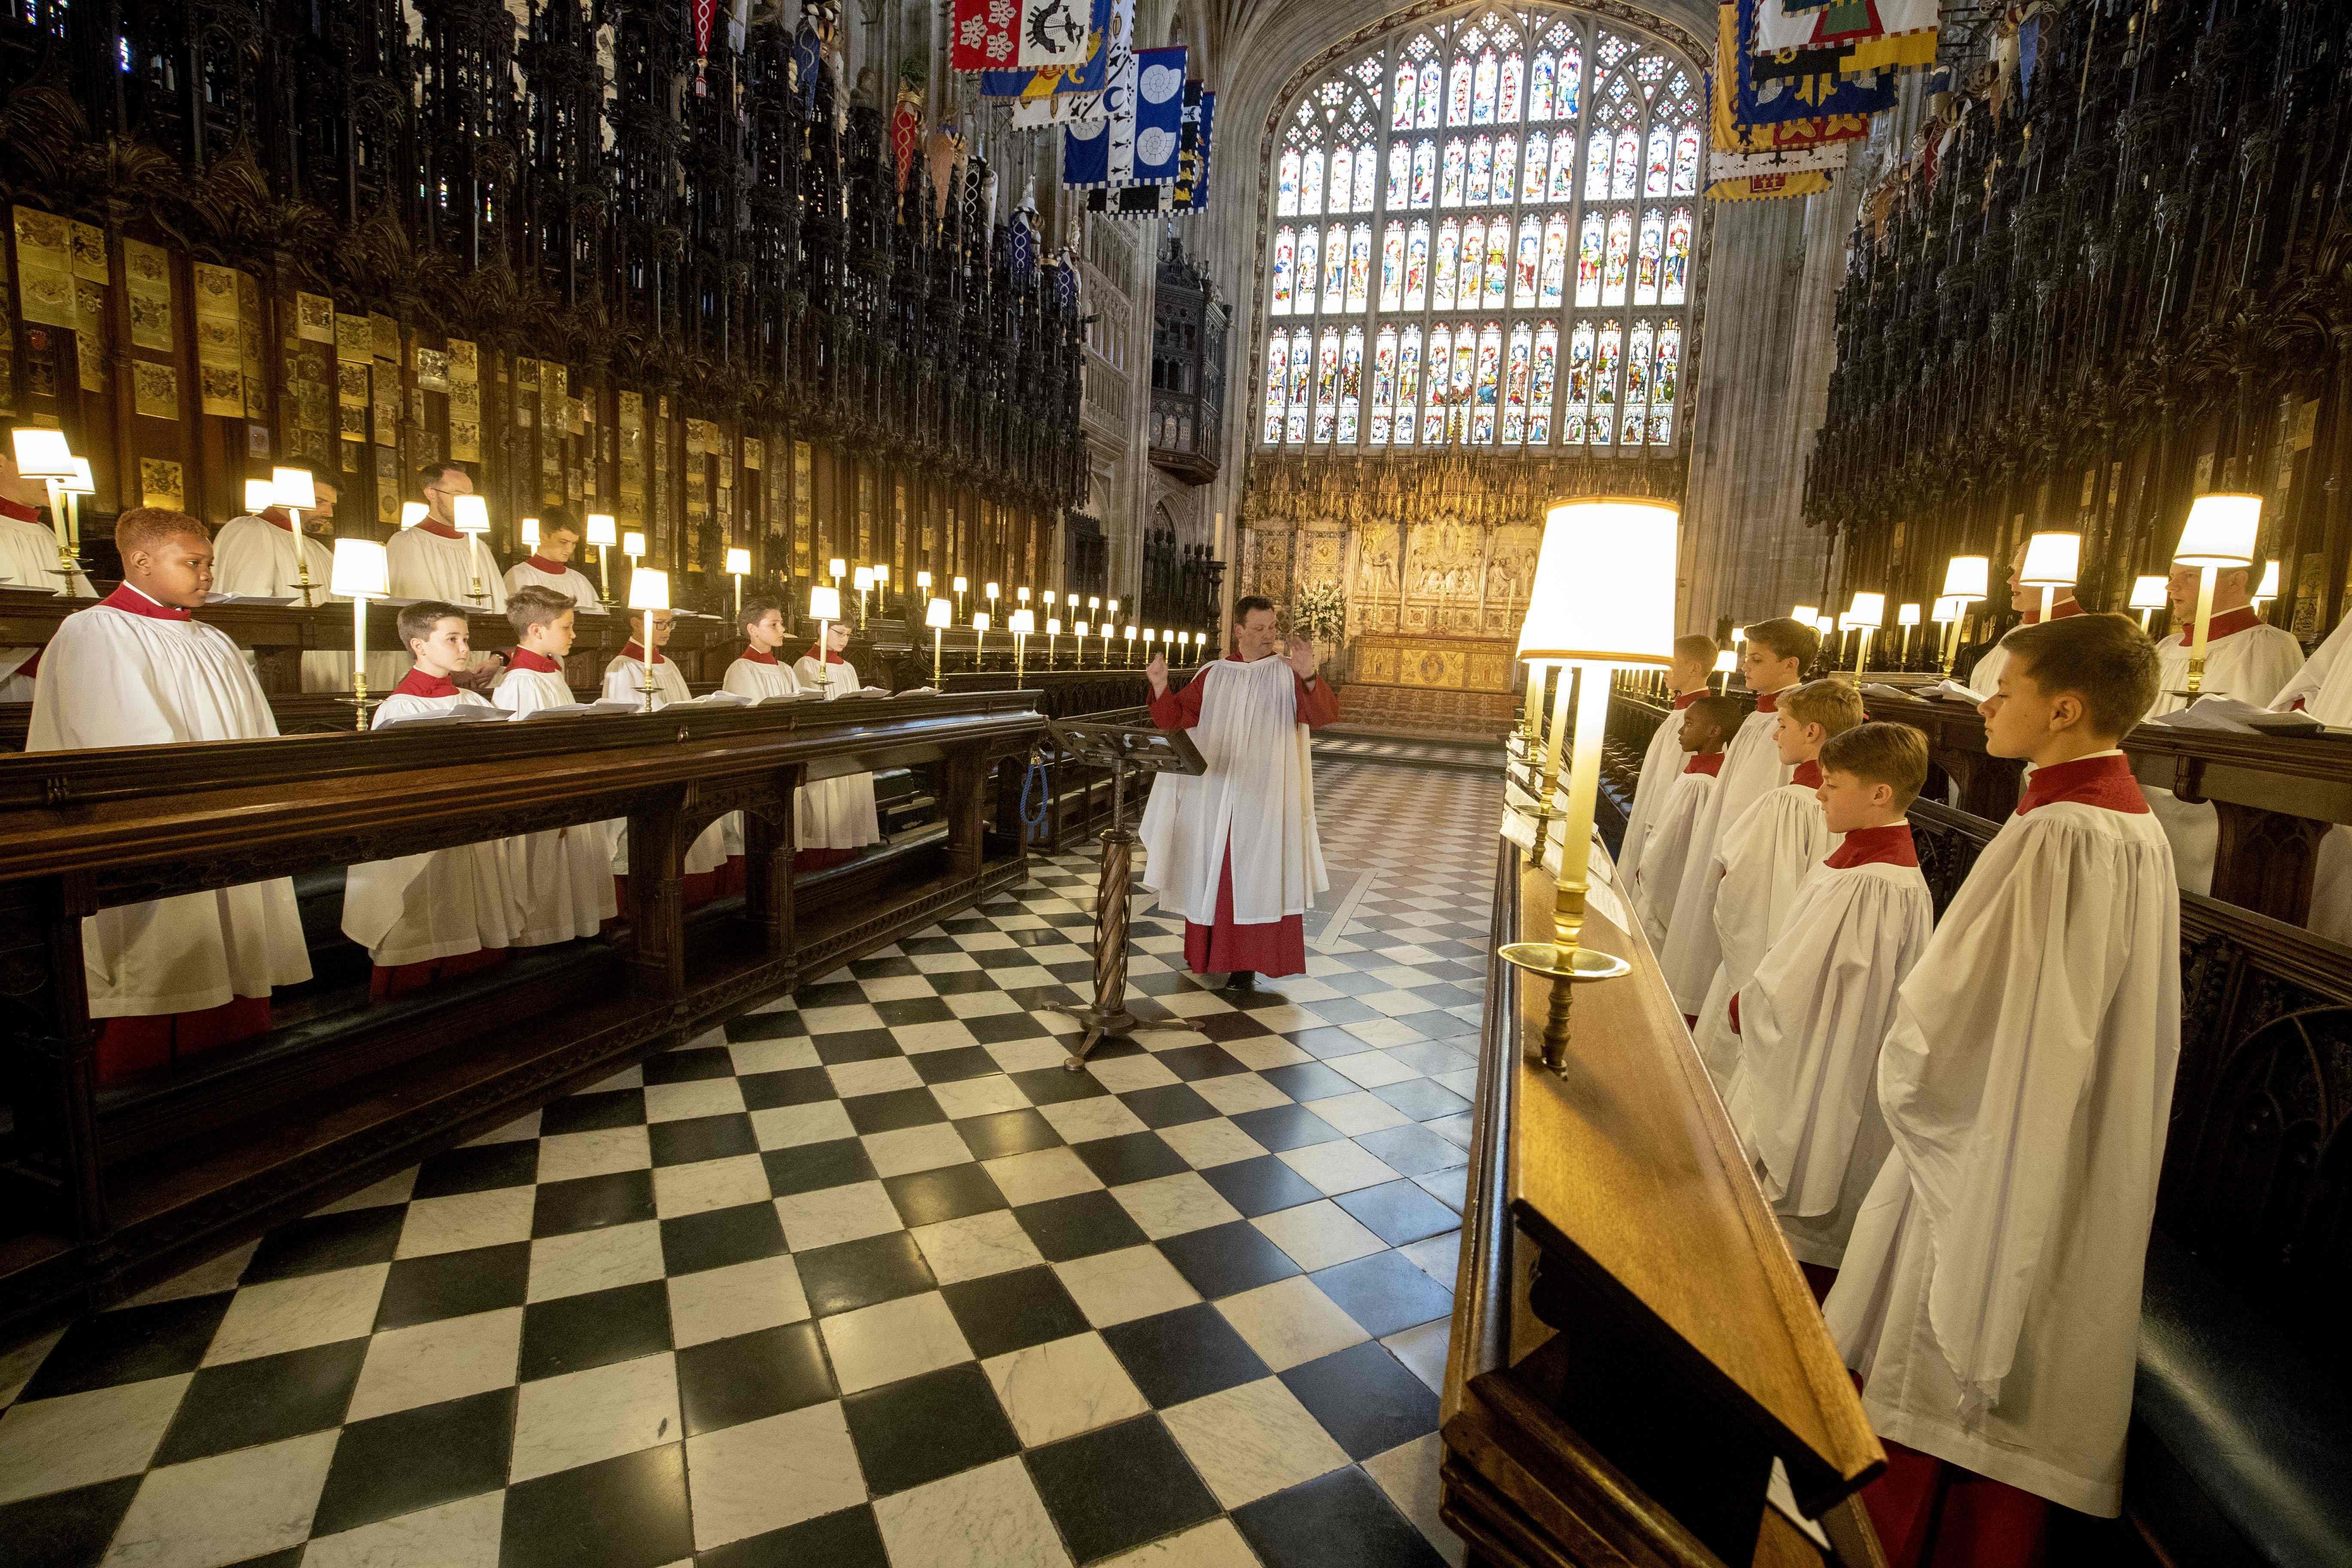 كنيسة سان جورج تتزين وتستعد لاستقبال الحفل الملكى